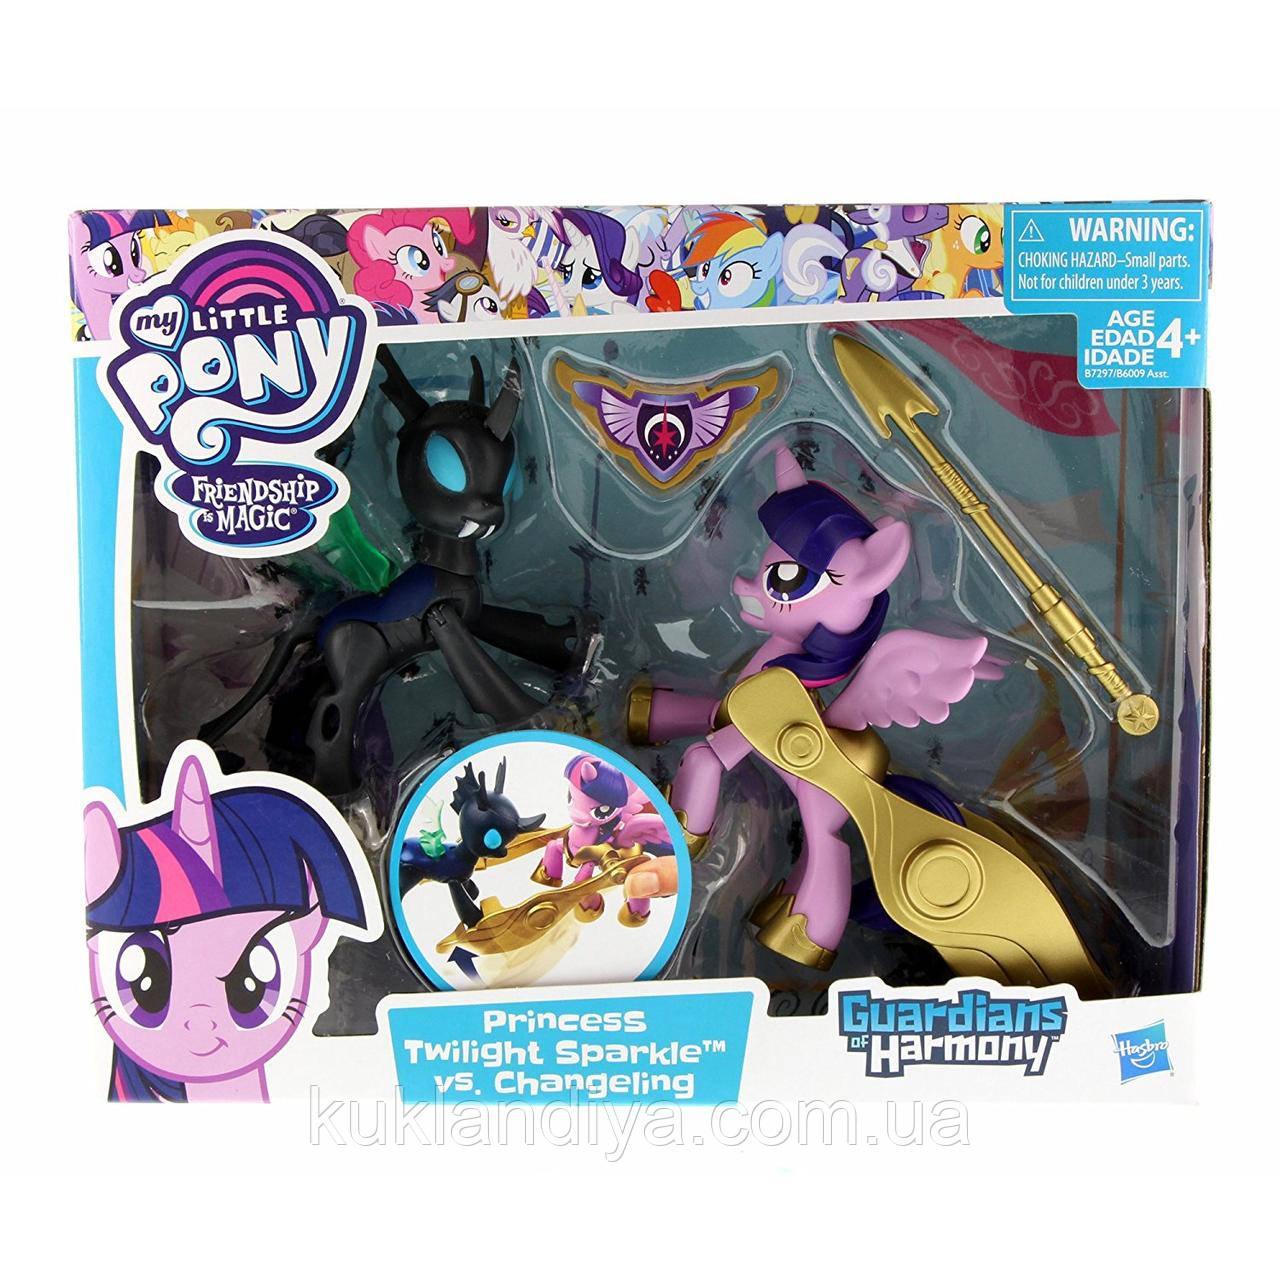 Набір My Little Pony Принцеса Твайлайт проти Чейнжелинга серії Хранителі гармонії